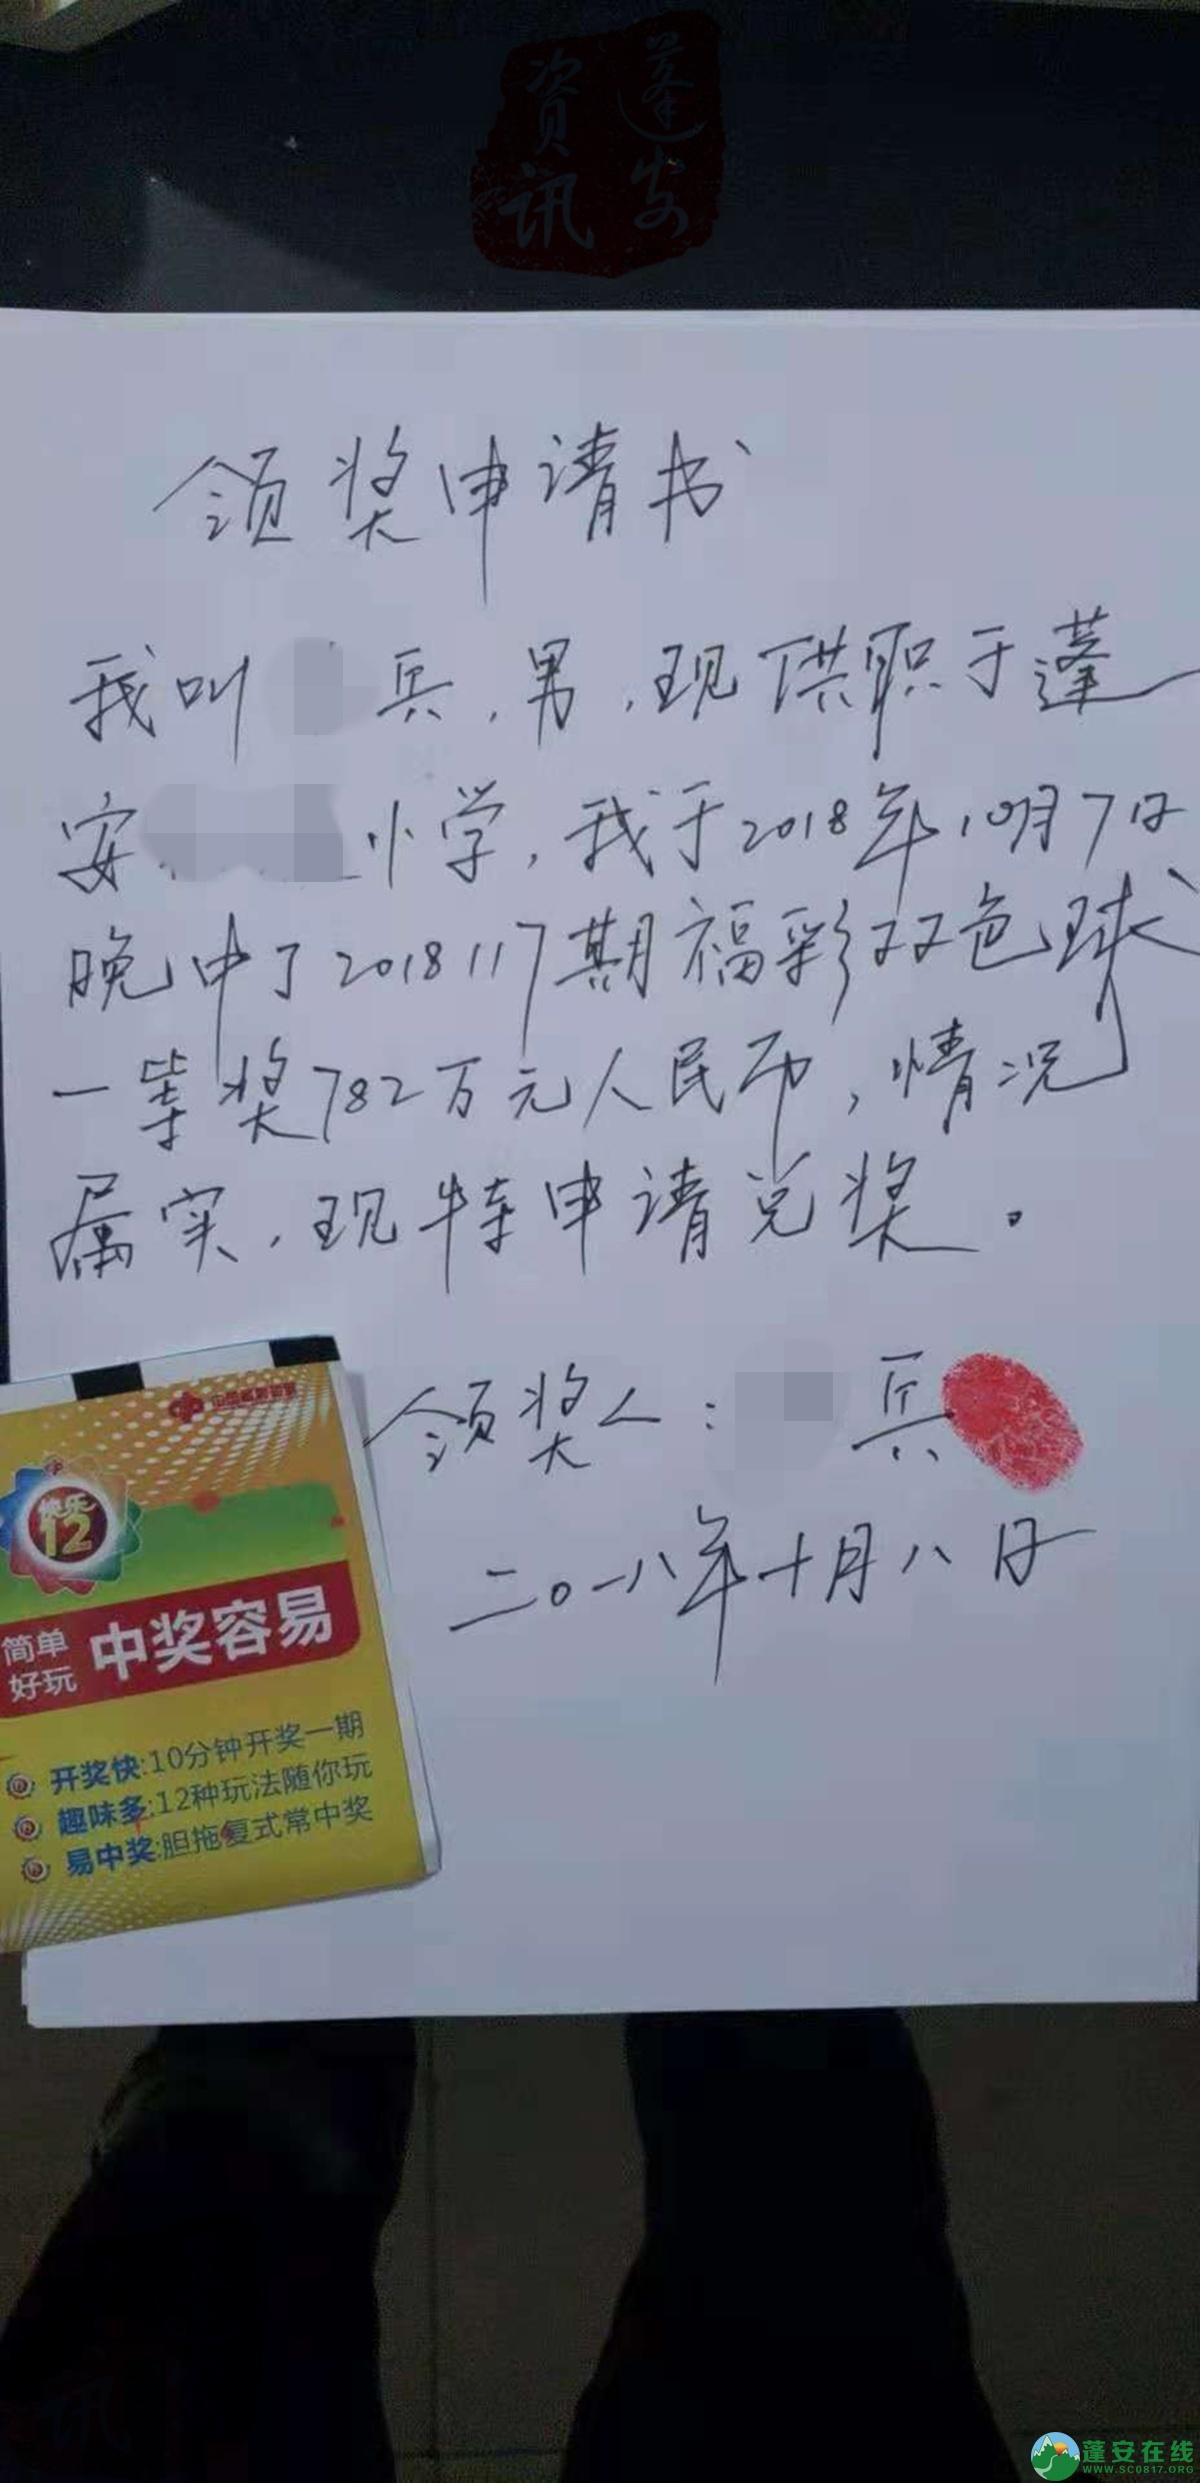 蓬安一小学老师中得双色球头奖单注奖金782万 - 第1张  | 蓬安在线